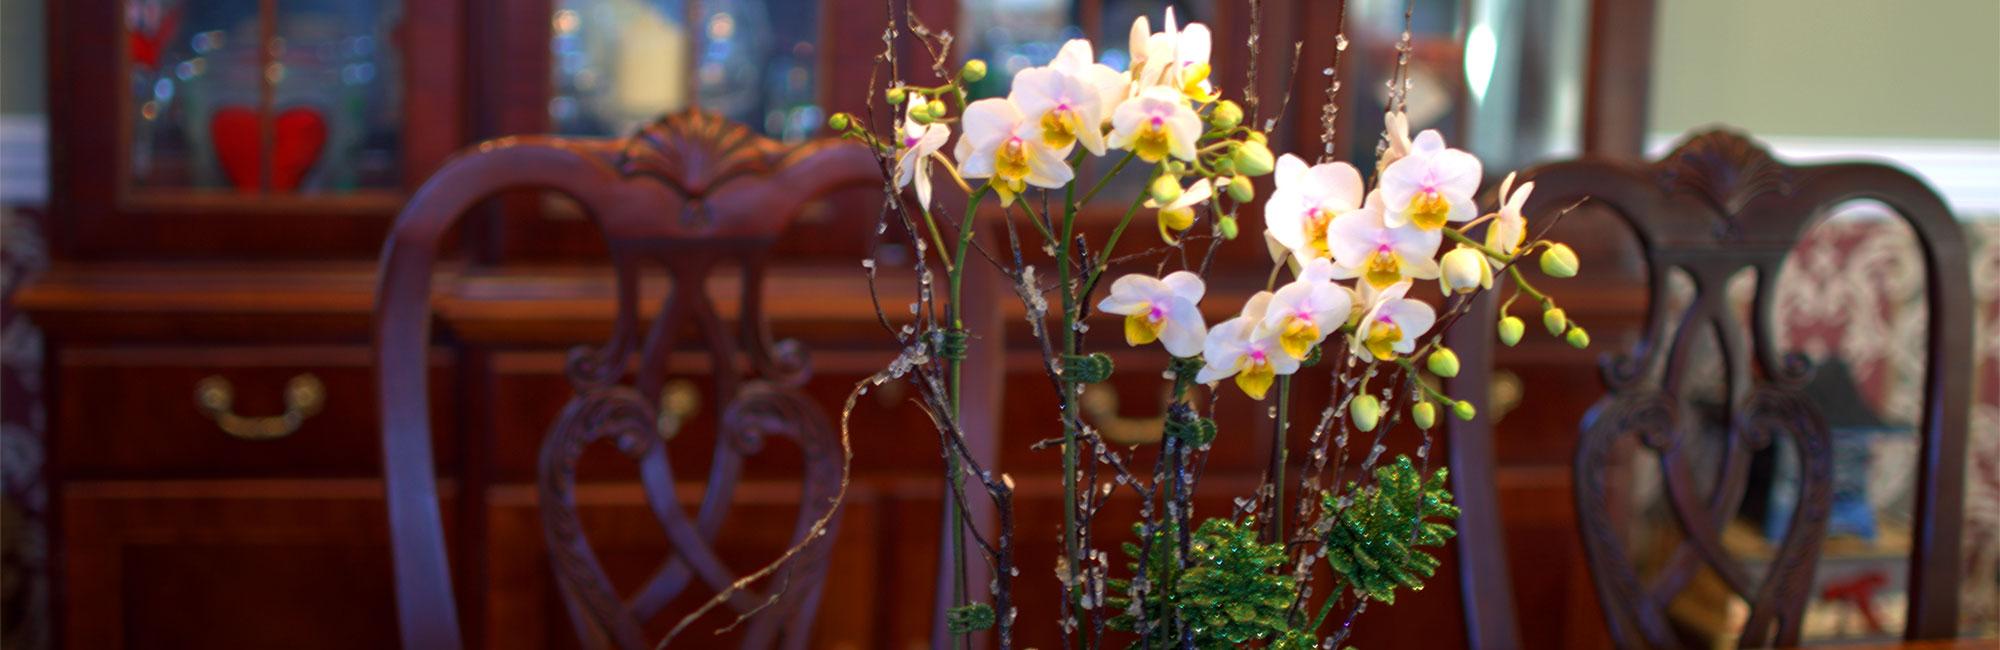 plainview-pure-orchids-pompton-plains-new-jersey-lifestyle